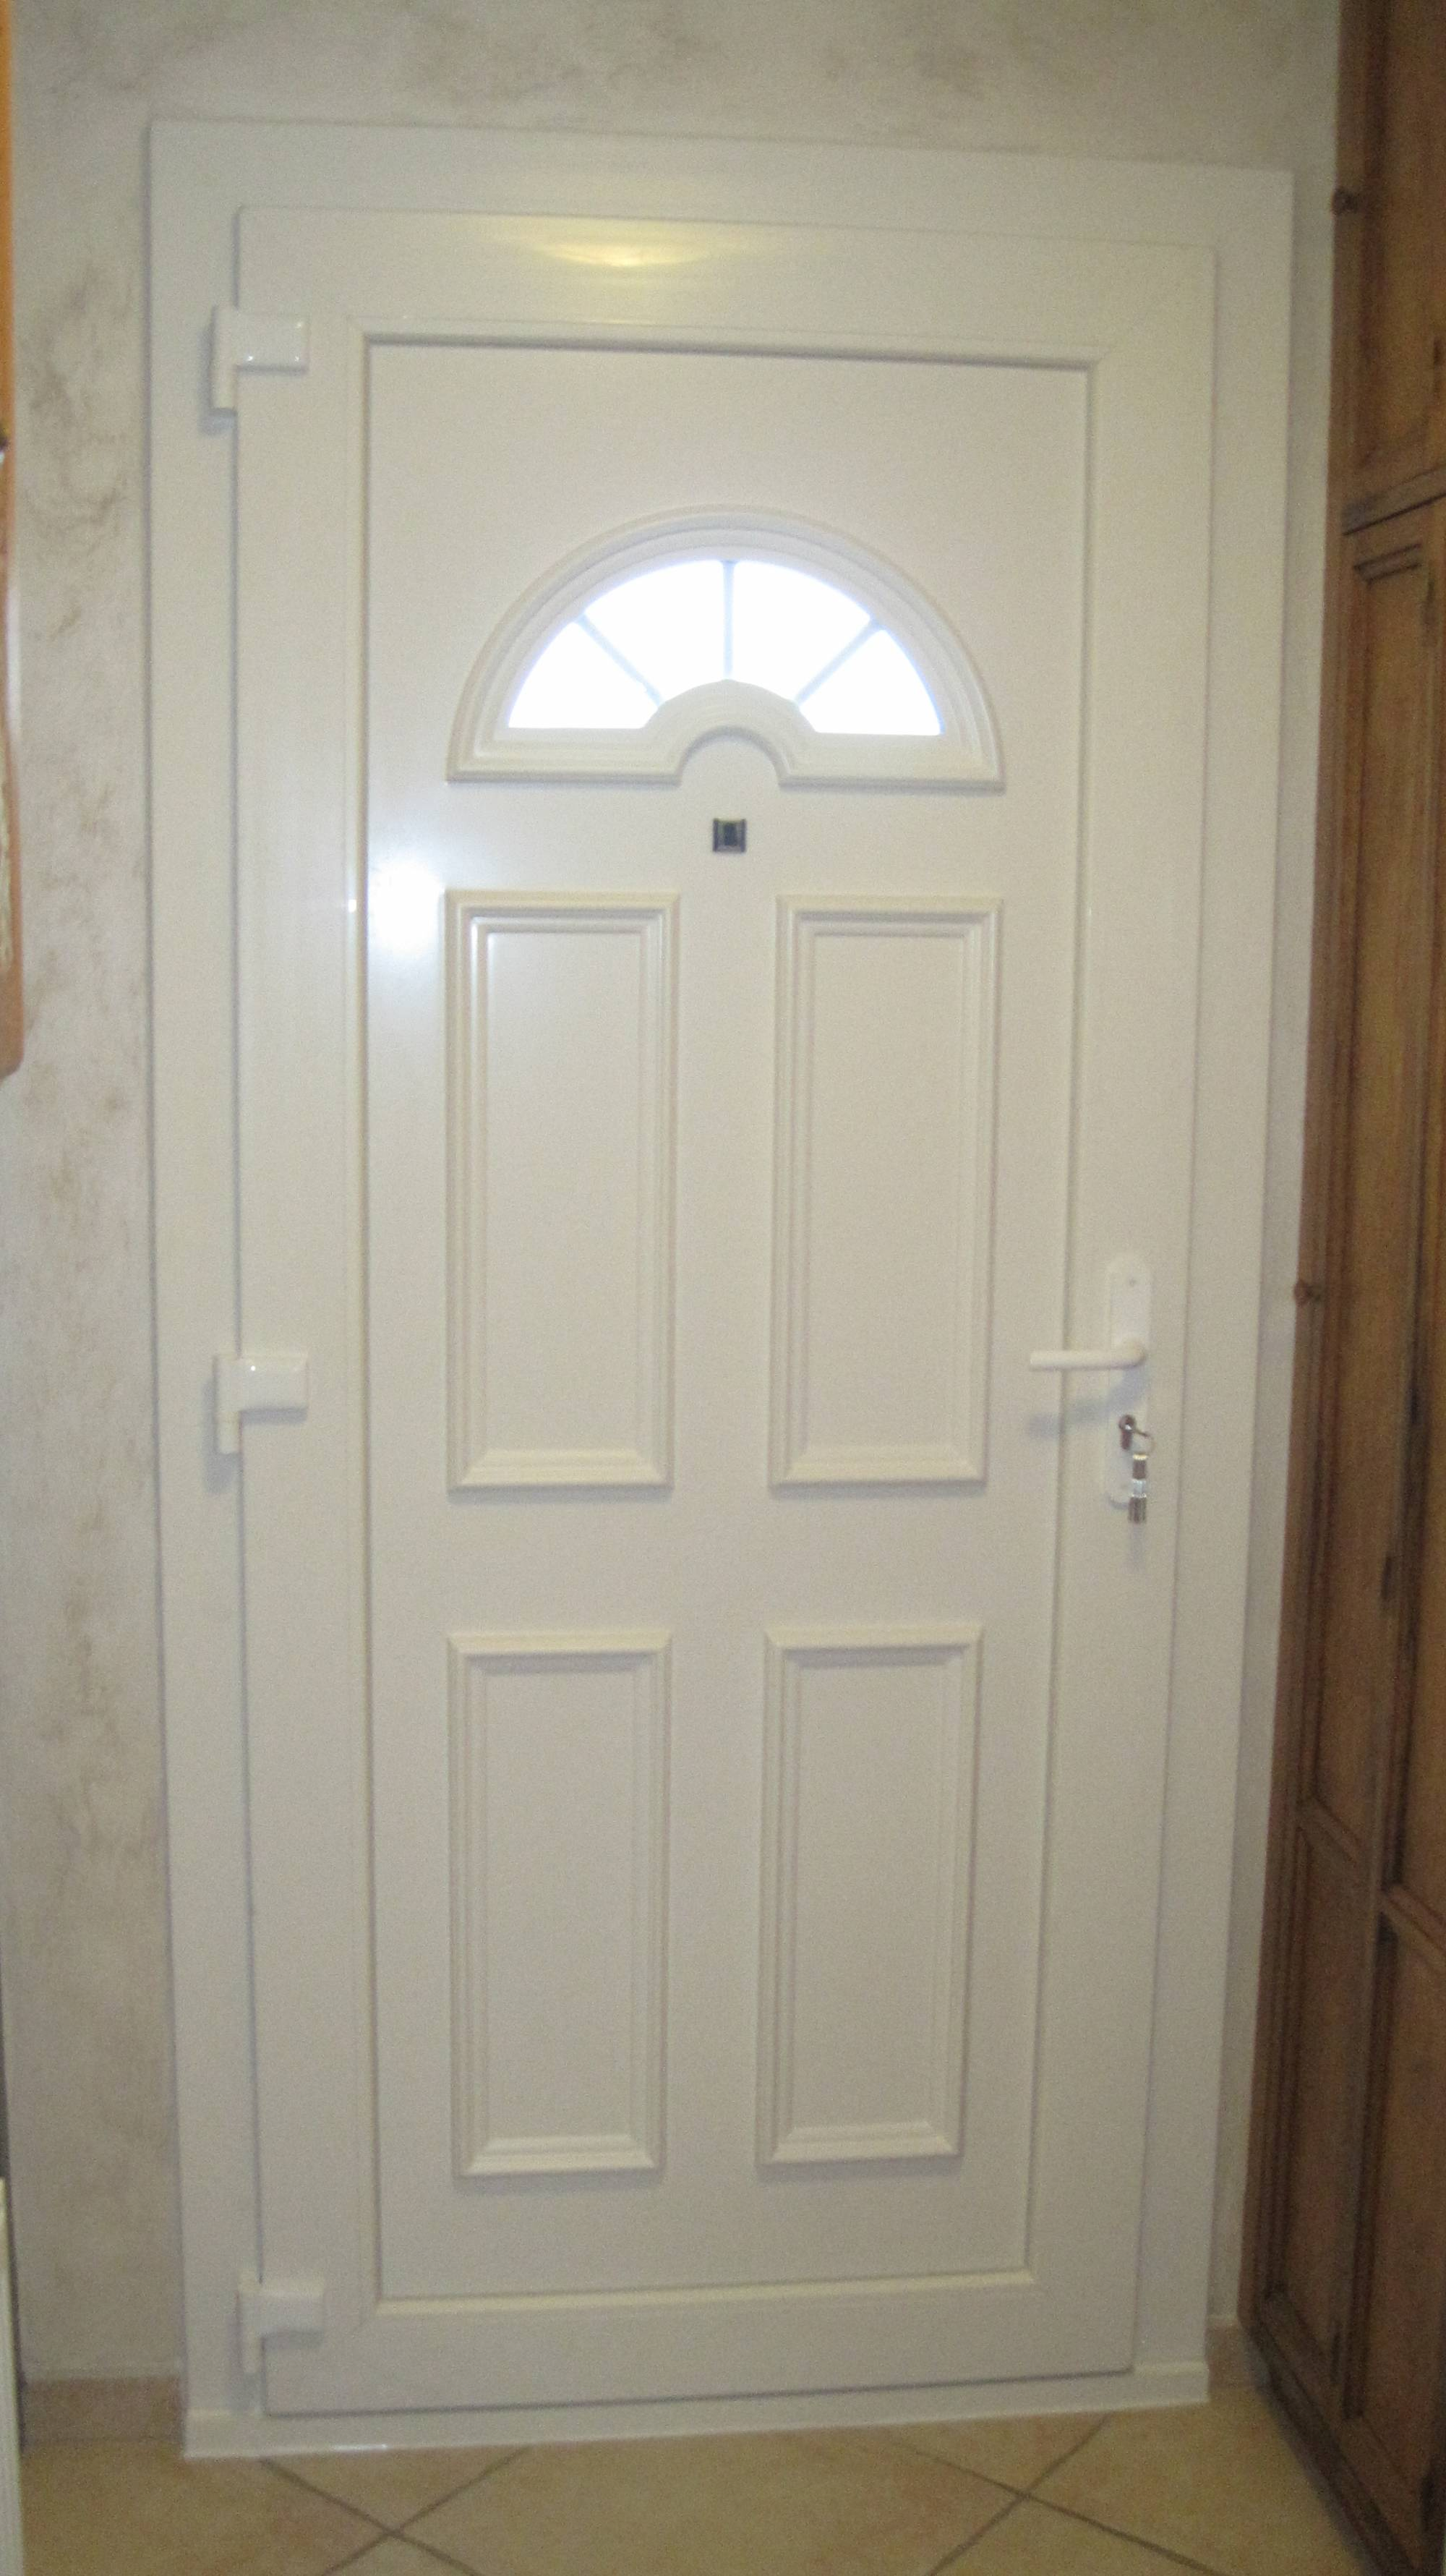 fabrication et pose de porte d 39 entr e classique en aluminium sur istres et dans tout les bouches. Black Bedroom Furniture Sets. Home Design Ideas